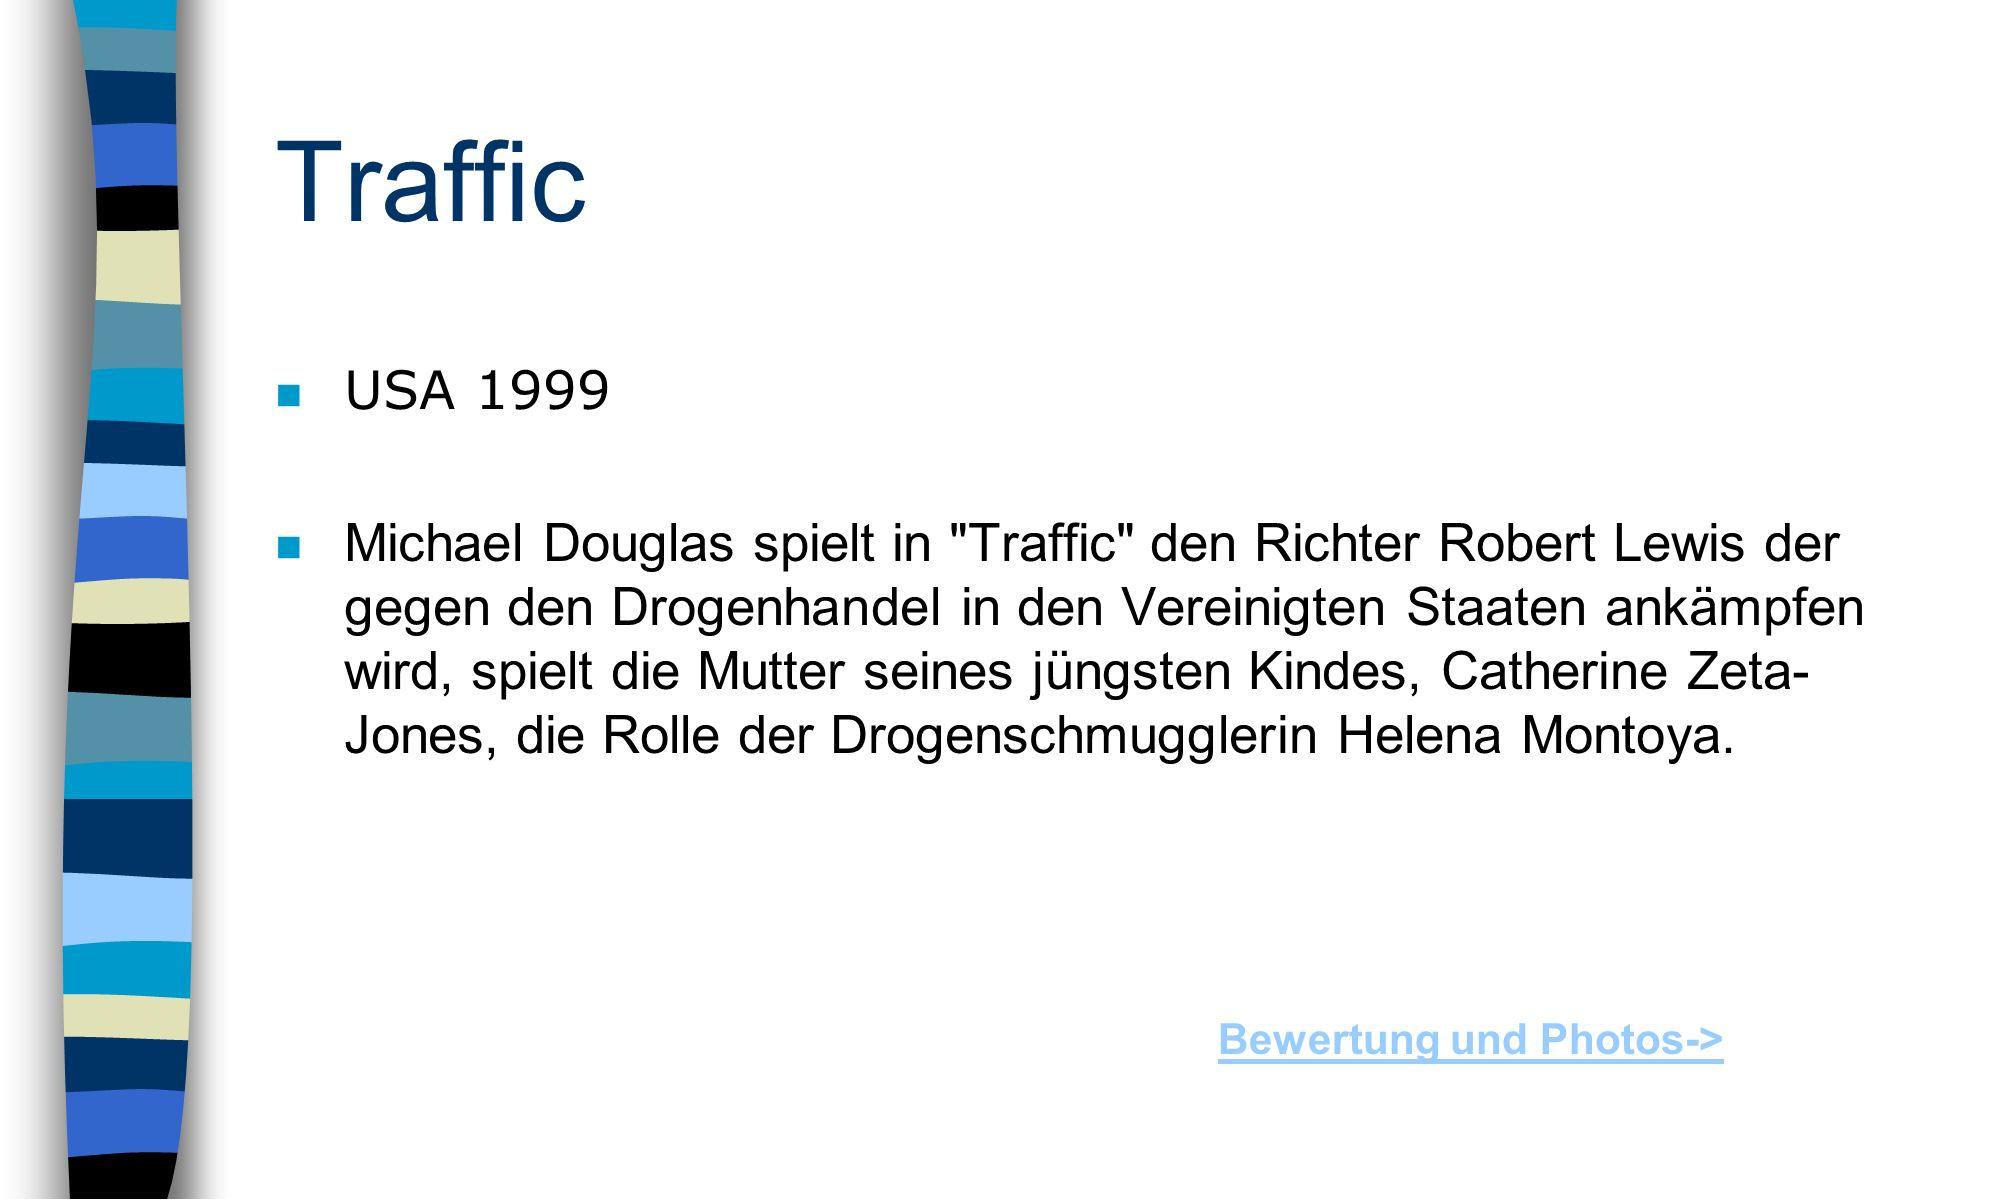 Traffic n USA 1999 n Michael Douglas spielt in Traffic den Richter Robert Lewis der gegen den Drogenhandel in den Vereinigten Staaten ankämpfen wird, spielt die Mutter seines jüngsten Kindes, Catherine Zeta- Jones, die Rolle der Drogenschmugglerin Helena Montoya.